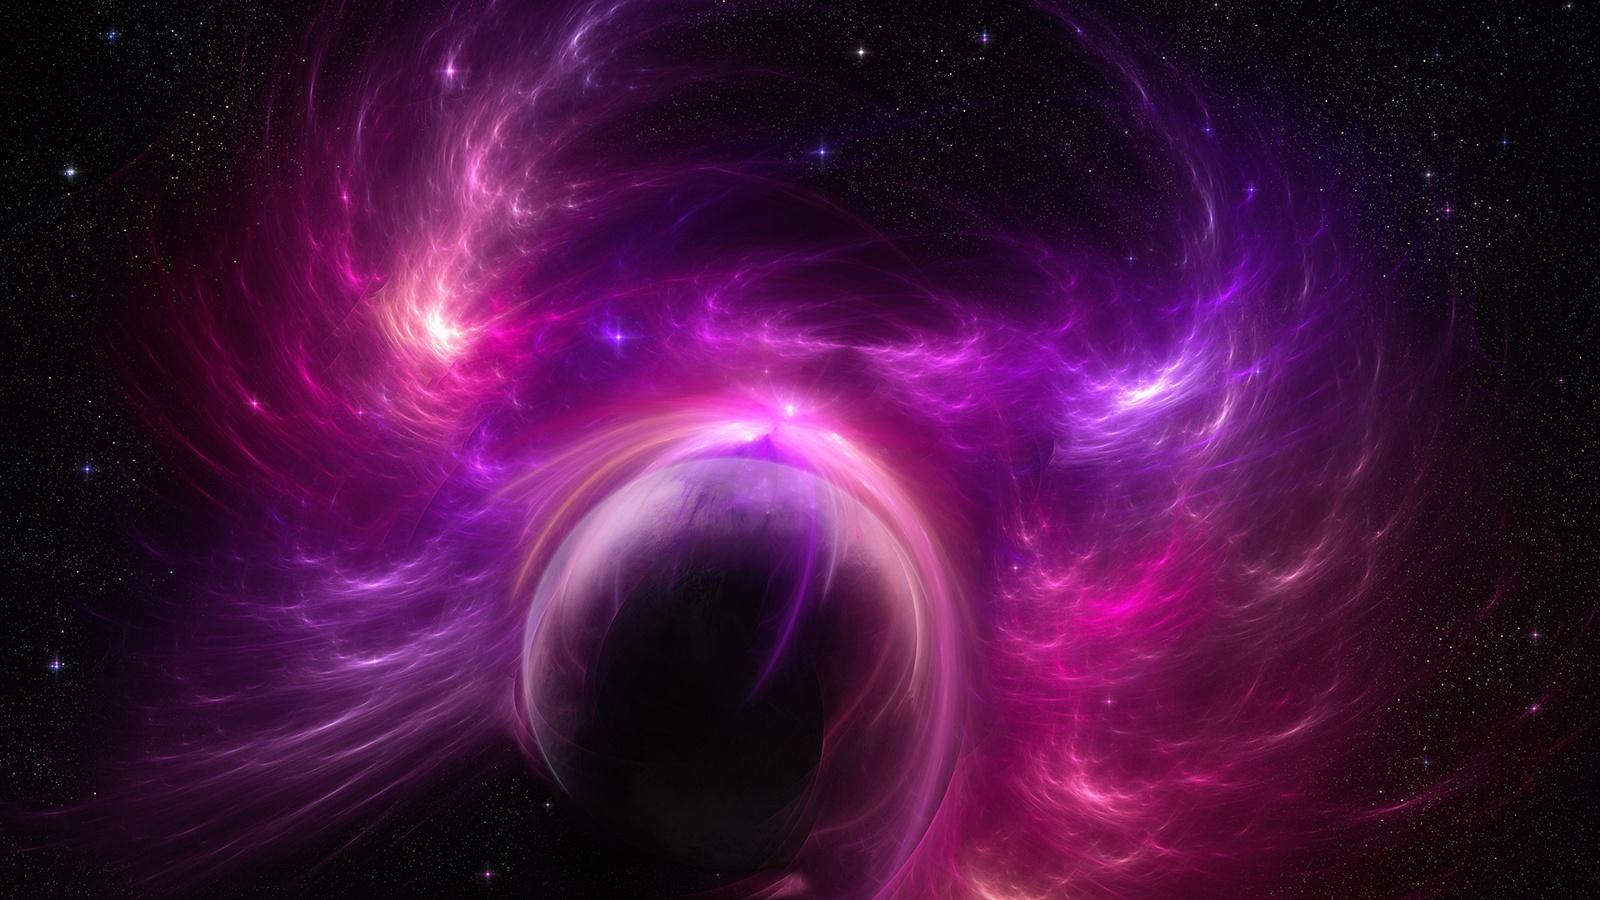 6 Awesome Cosmos Inspired Hd Wallpapers: Fonds D'écran Tempête Planète Univers Violet 1920x1200 HD